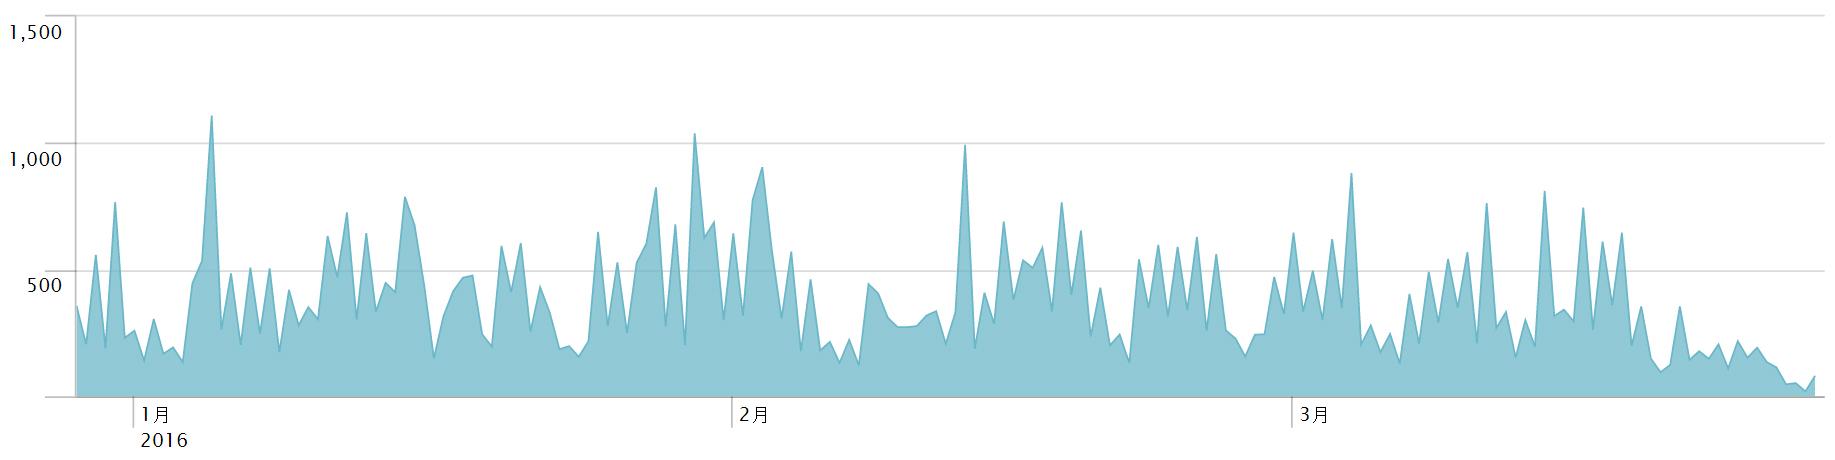 図1: 過去3カ月間(2015年12月25日~2016年3月24日)における全世界での「JS_JITON」検出数